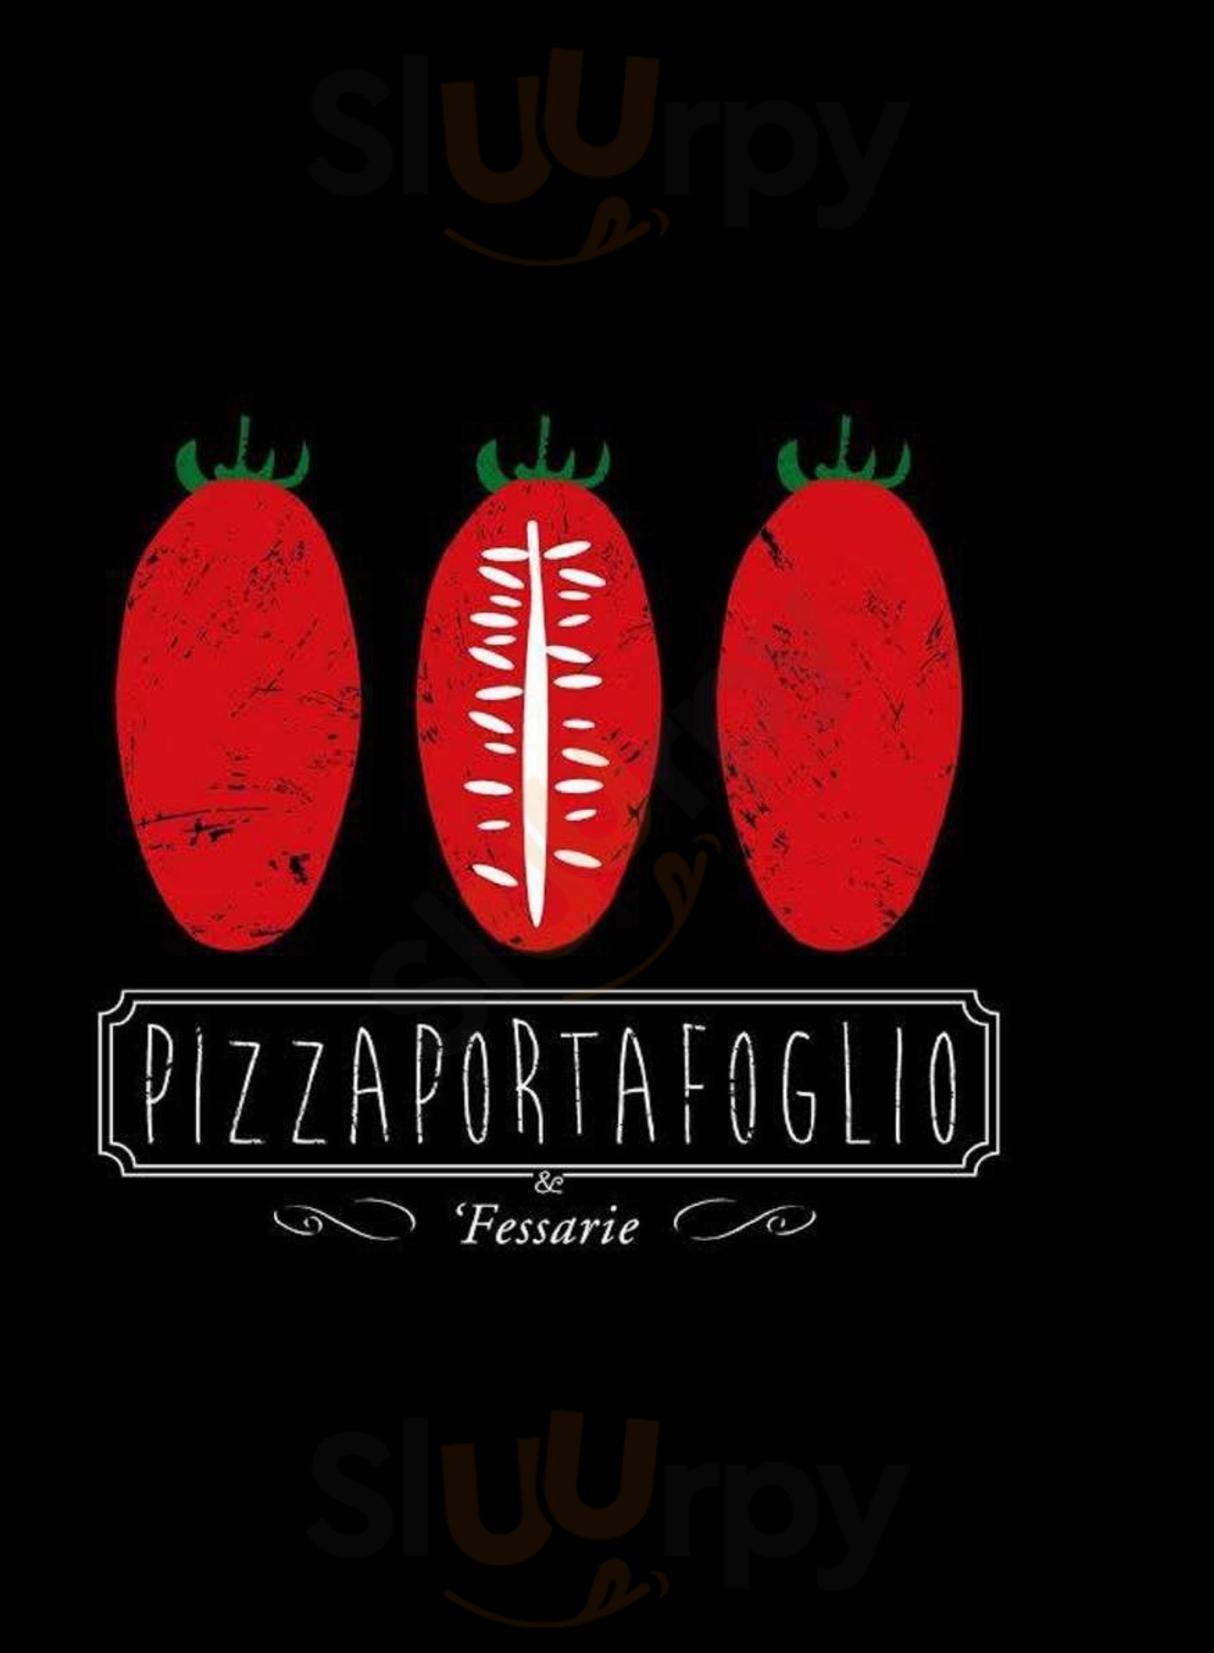 Pizzaportafoglio & Fessarie Salerno menù 1 pagina